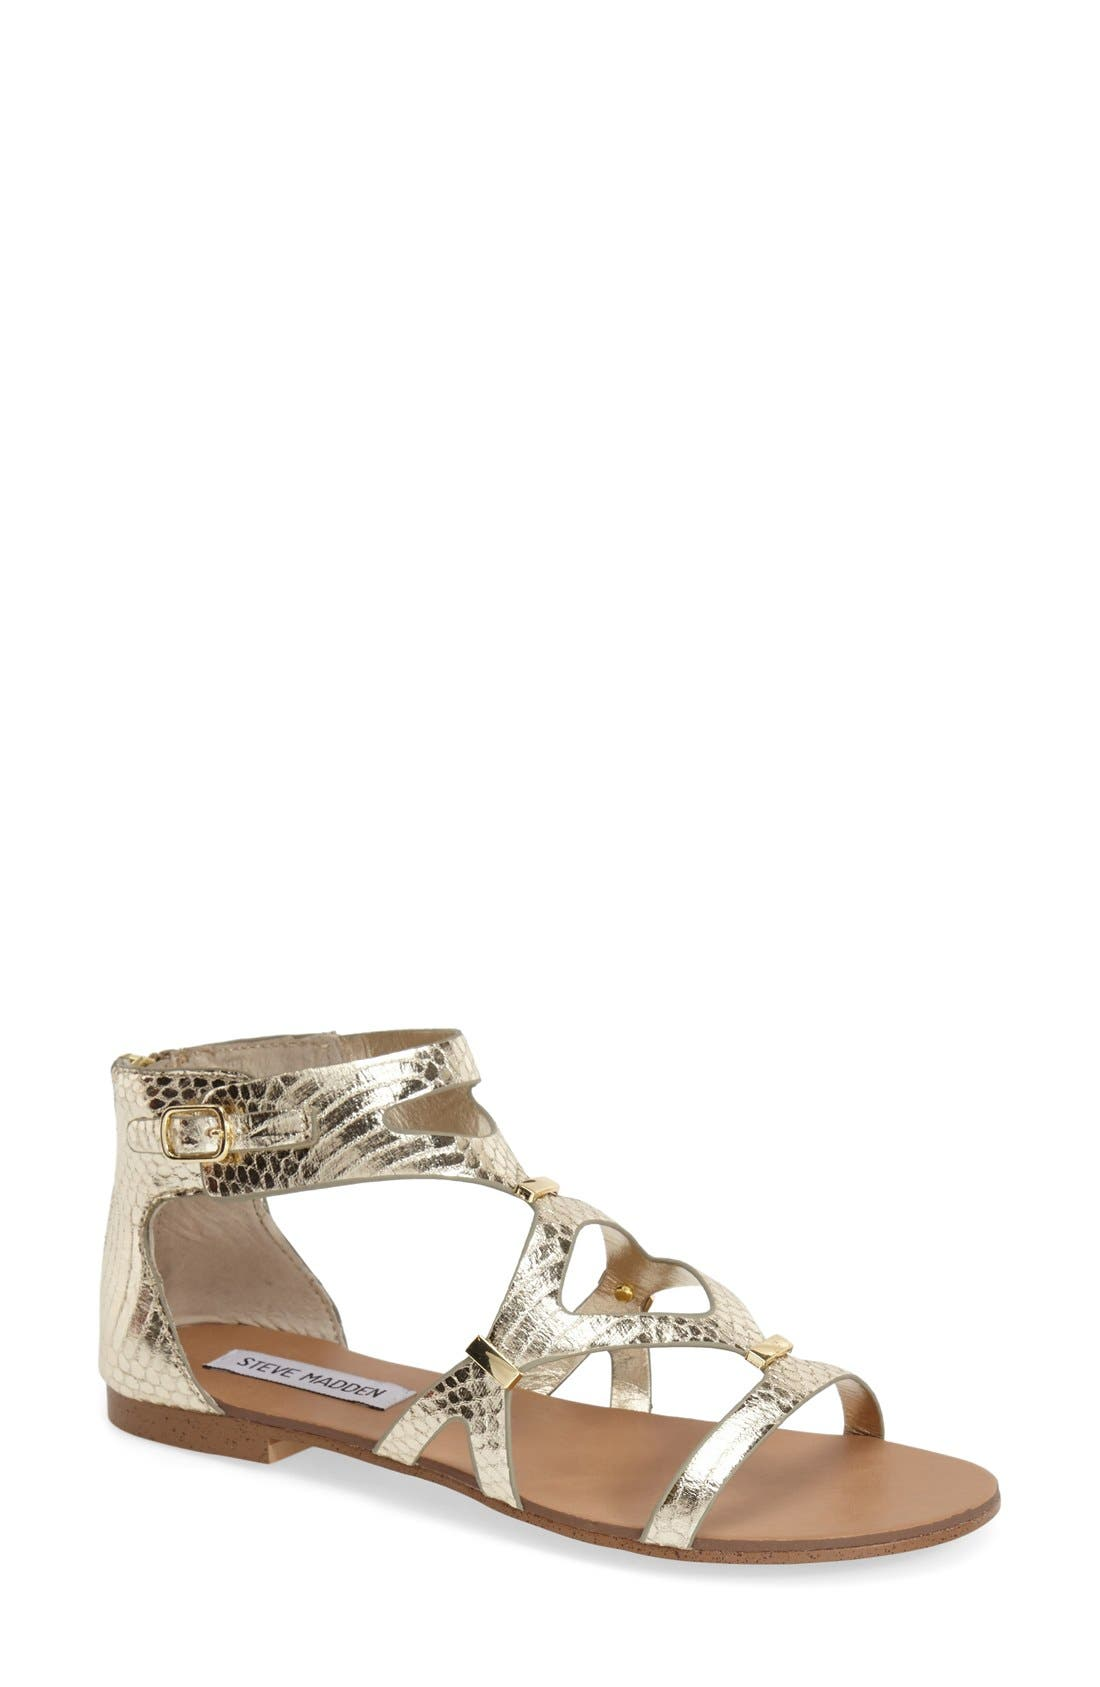 Alternate Image 1 Selected - Steve Madden 'Comly' Gladiator Sandal (Women)